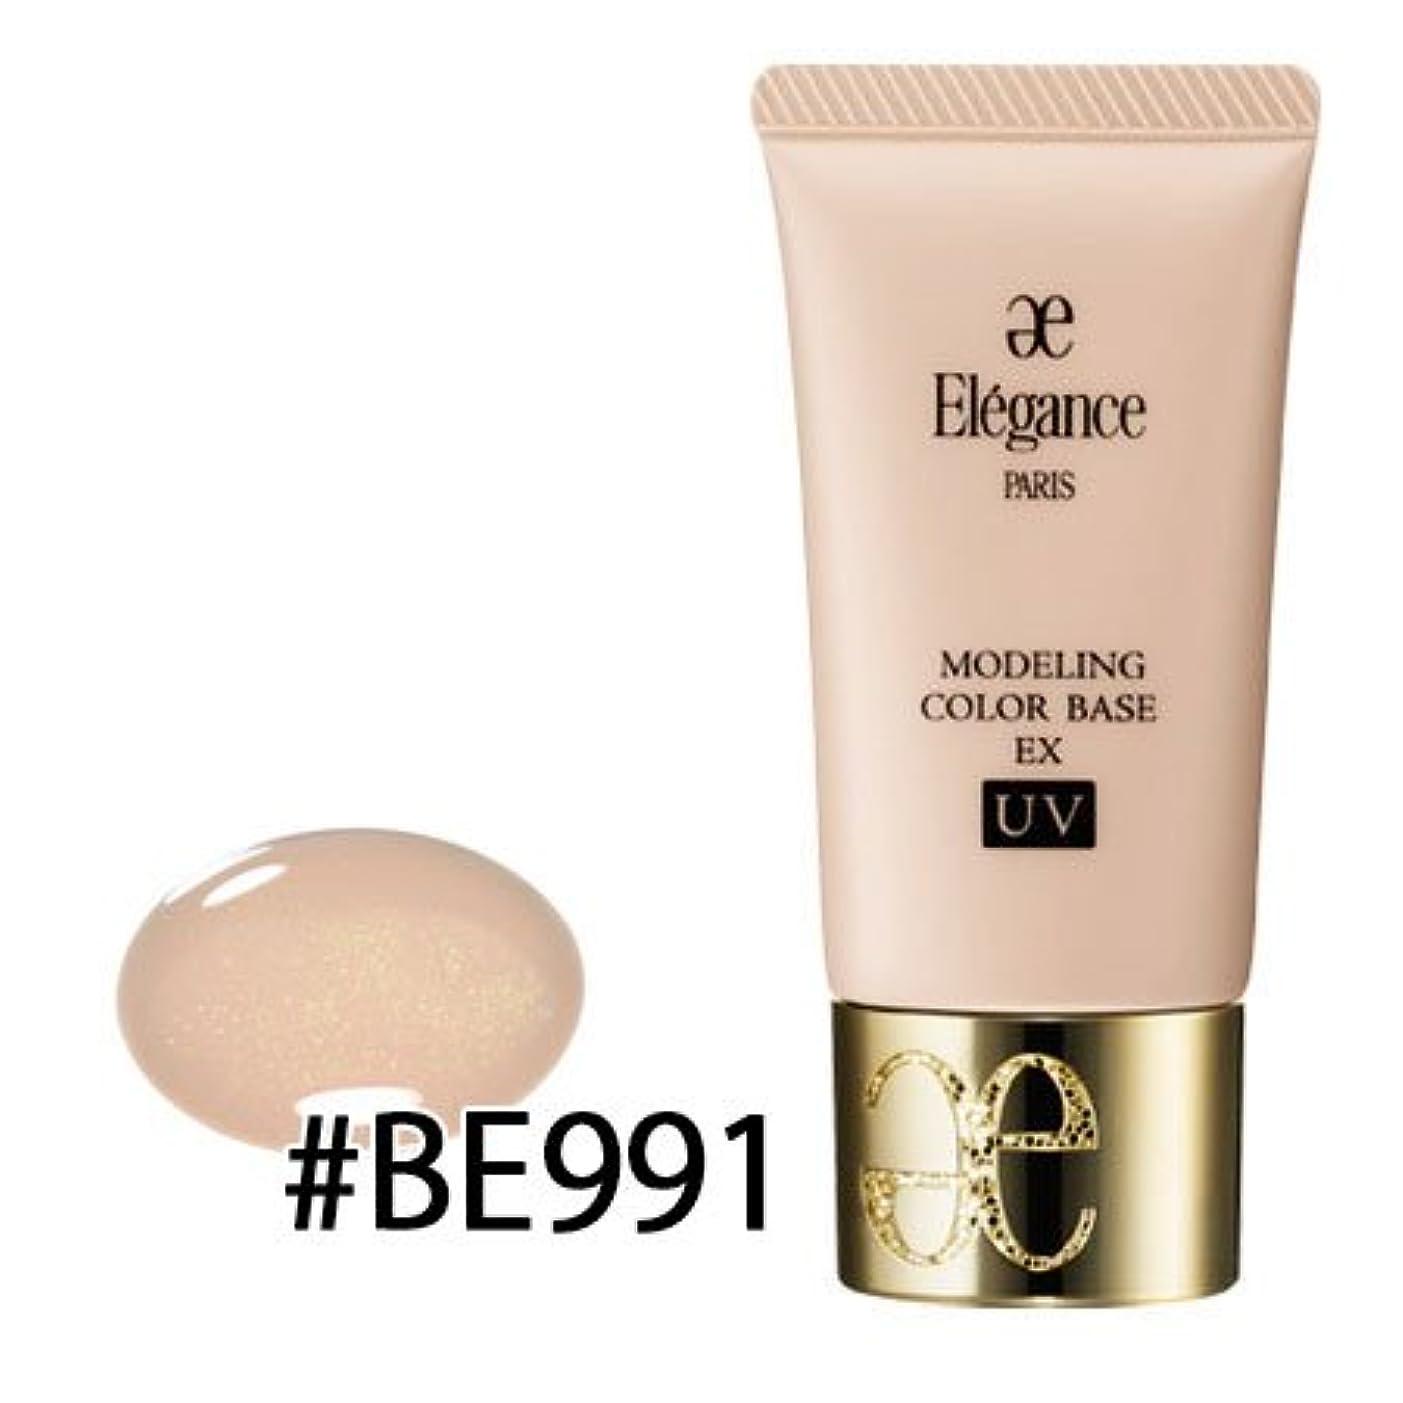 レンド結婚する喉頭エレガンス モデリング カラーベース EX UV #BE991